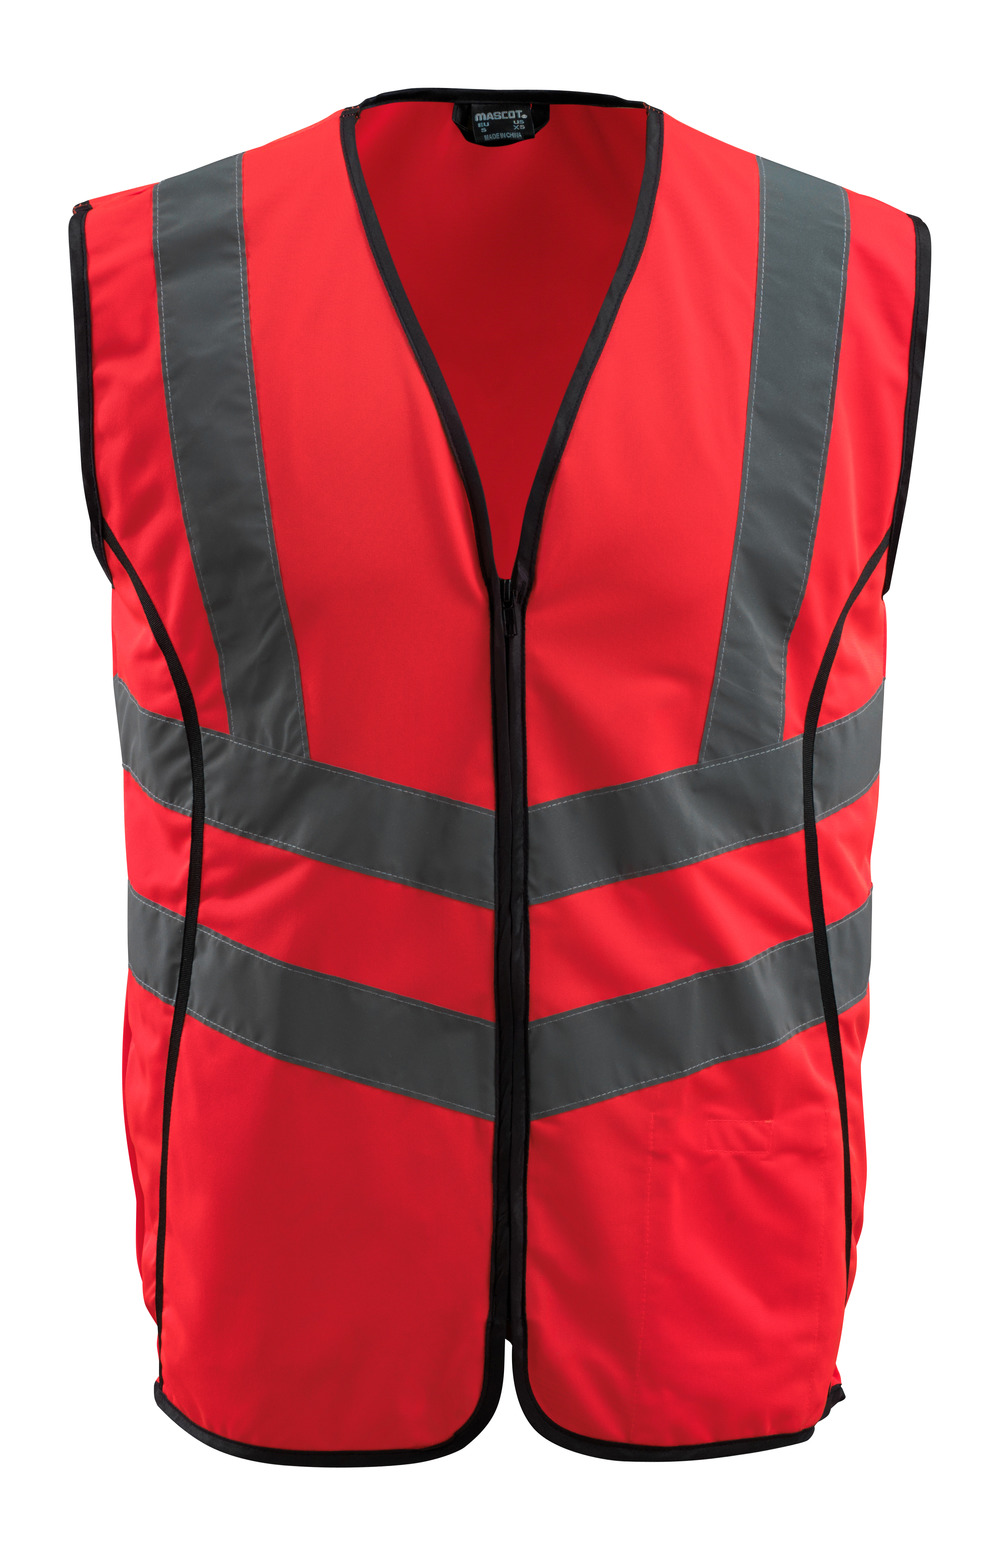 50145-982-222 Traffic Vest - hi-vis red